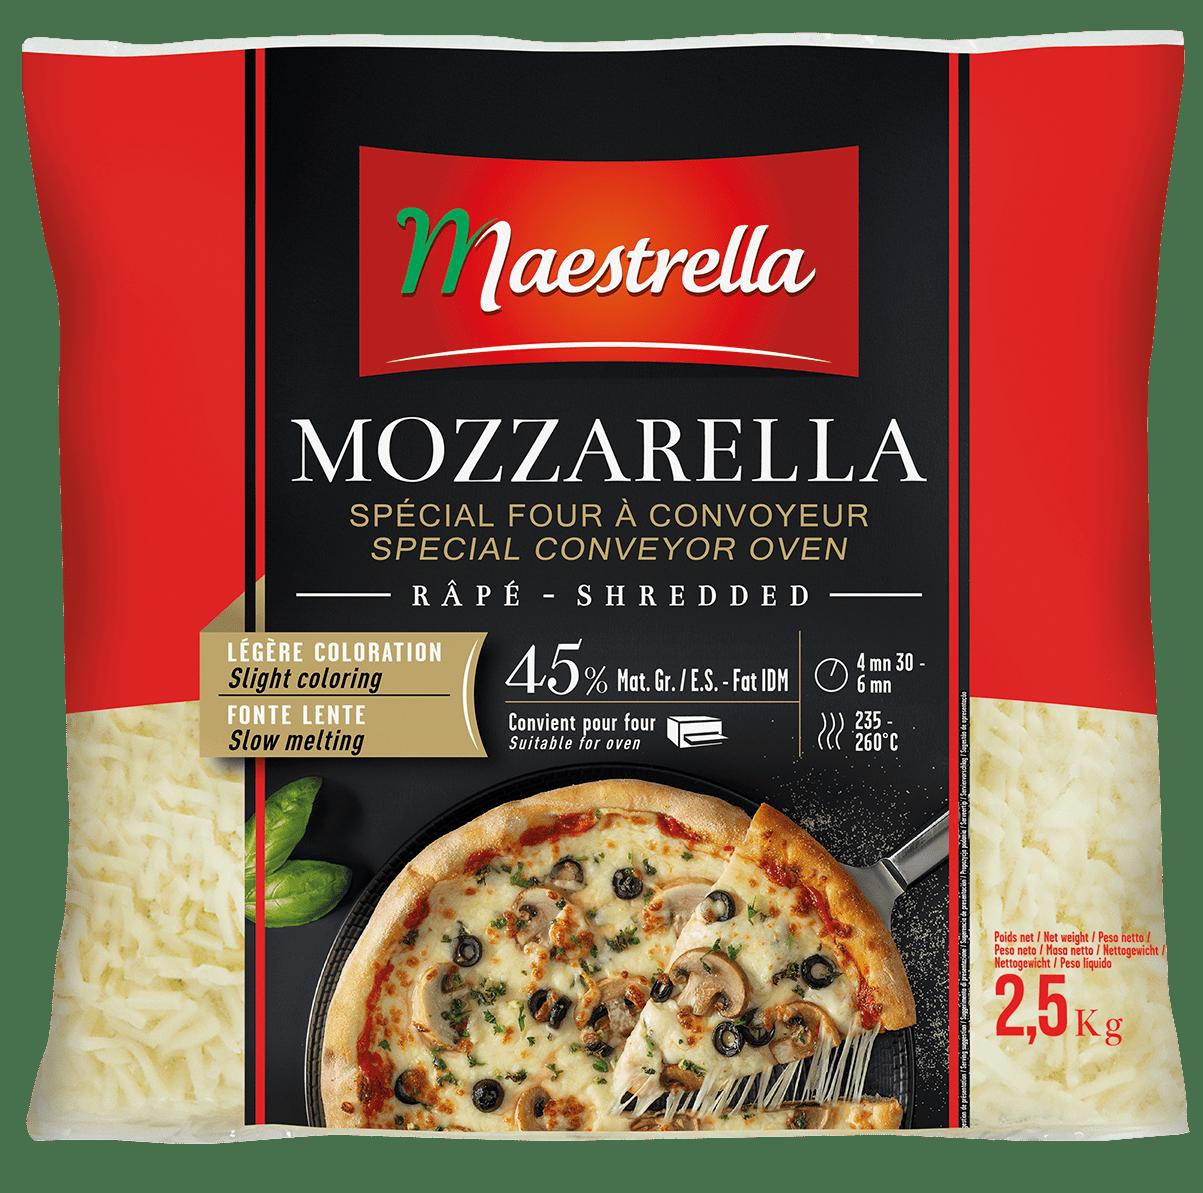 Mozzarella spéciale four à convoyeur râpée Maestrella